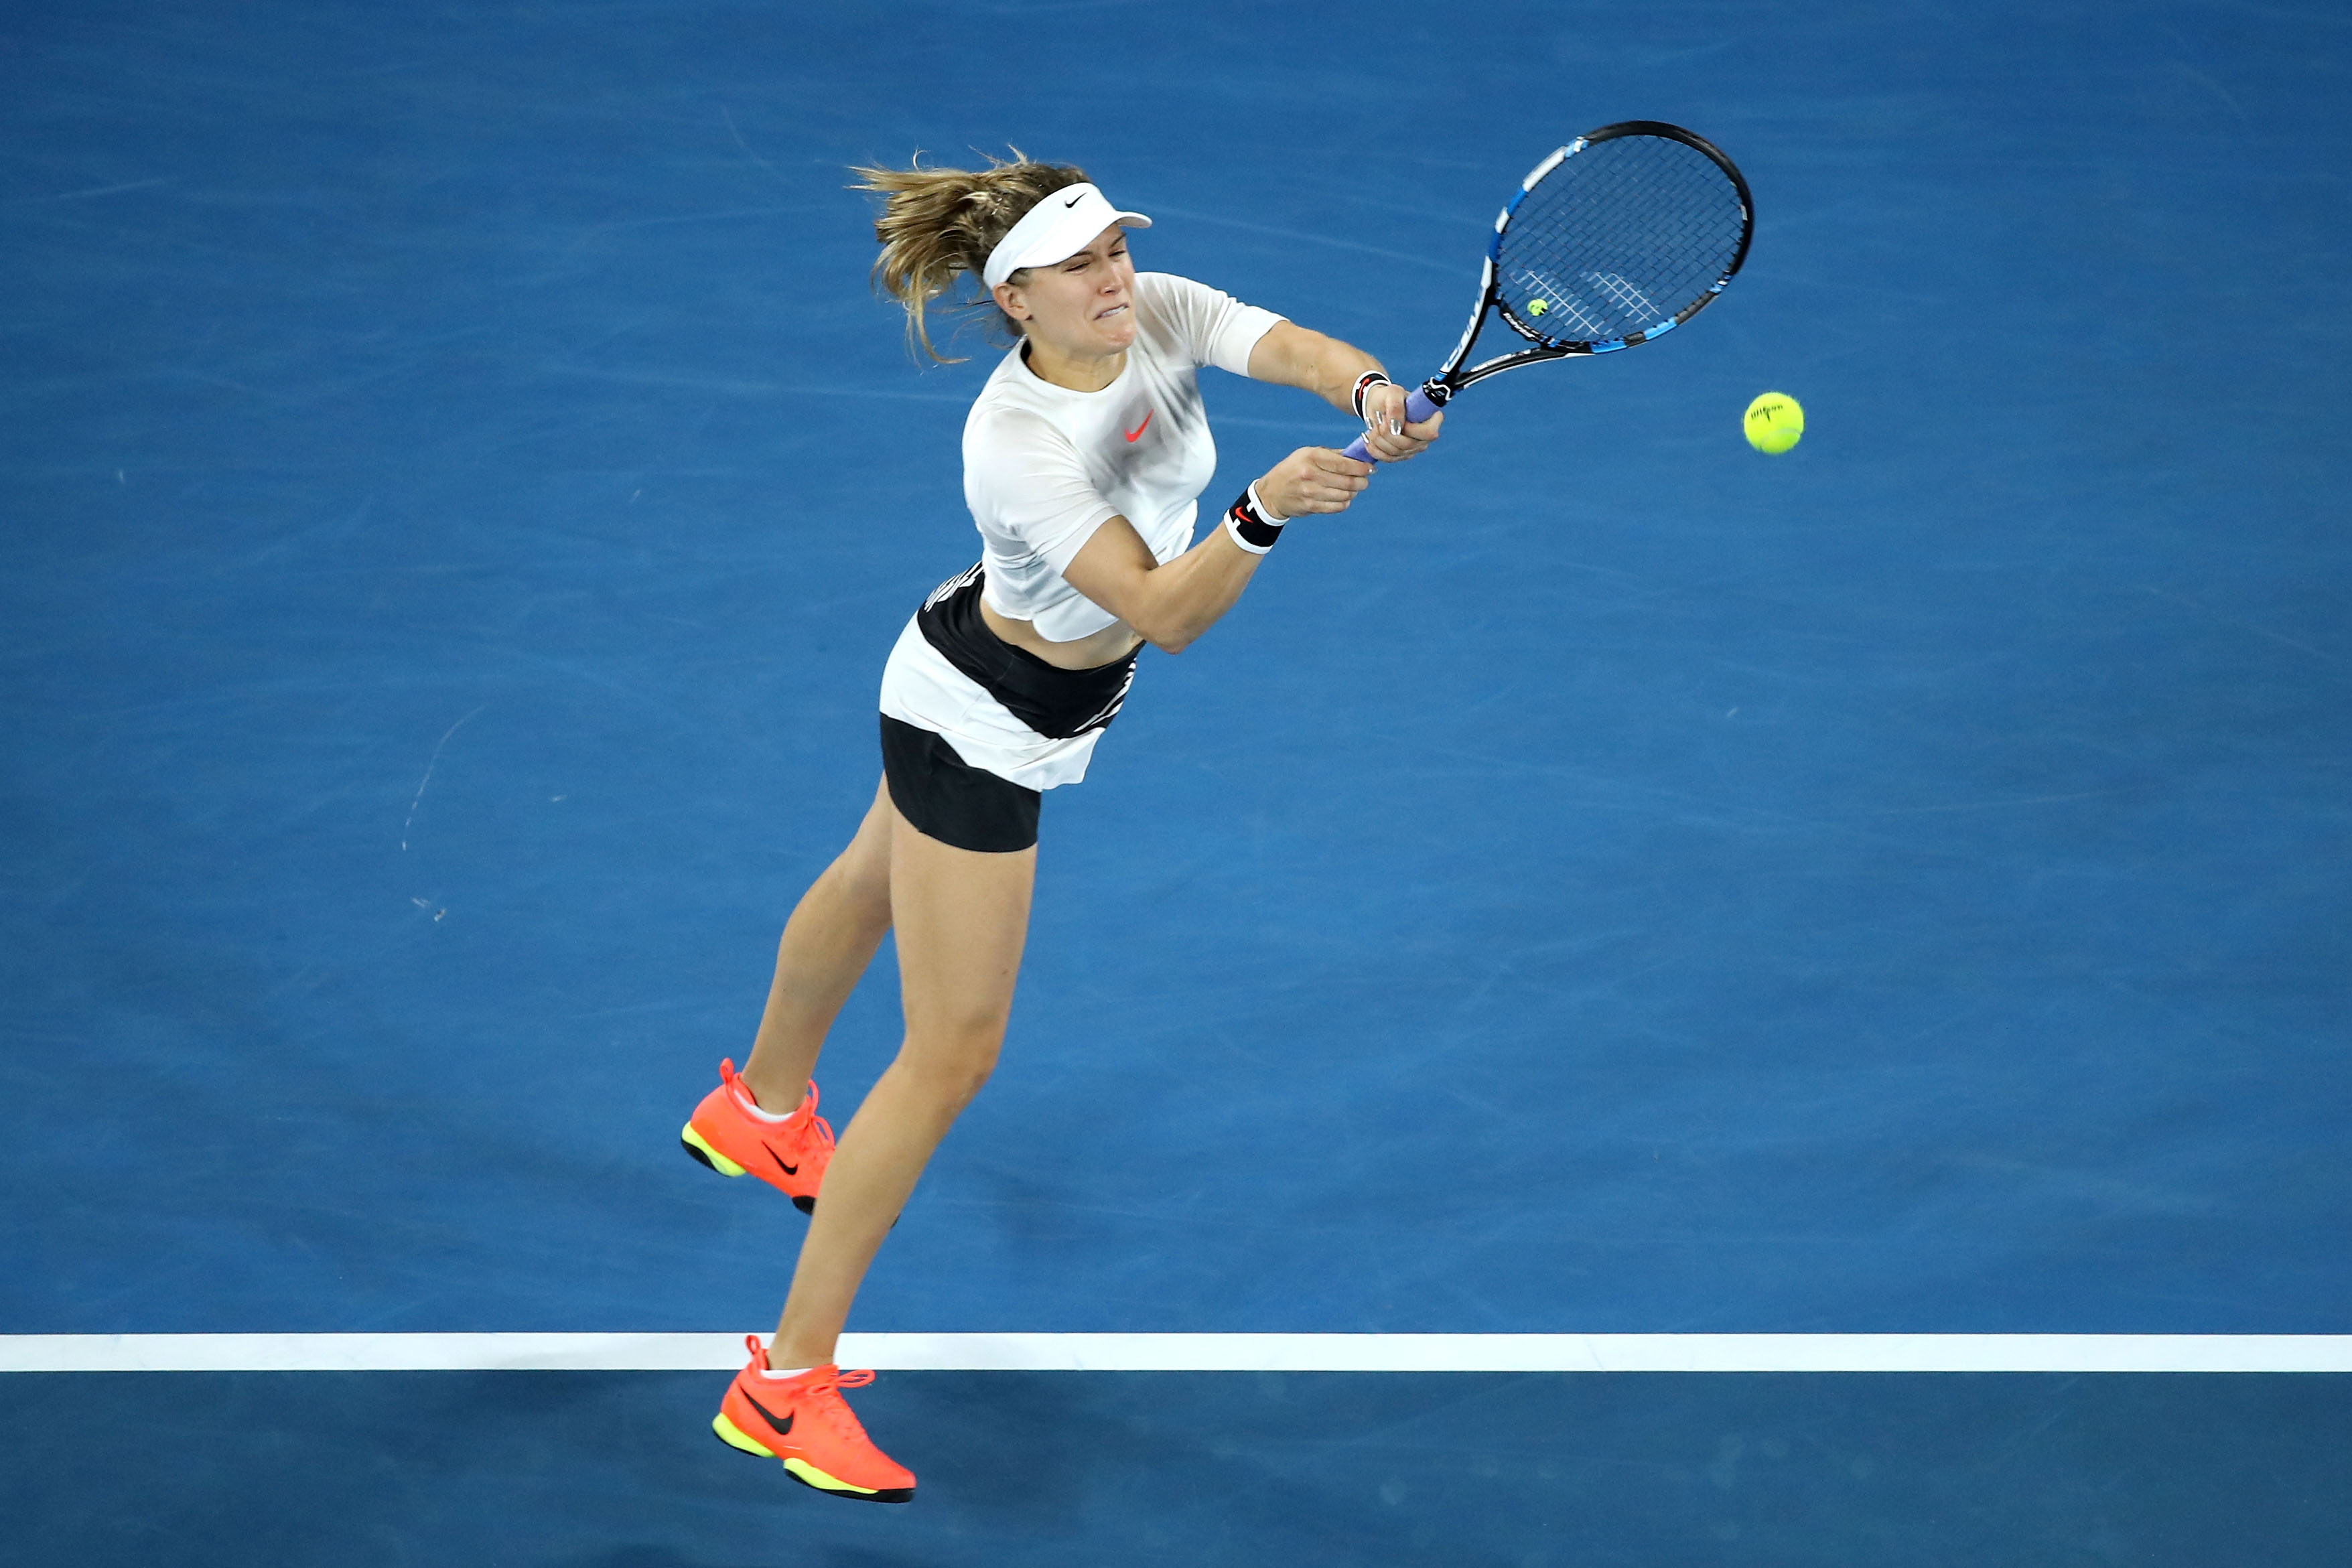 La canadiense Eugenie Bouchard durante un partido del reciente Abierto de Australia. (Crédito: Mark Kolbe/Getty Images)